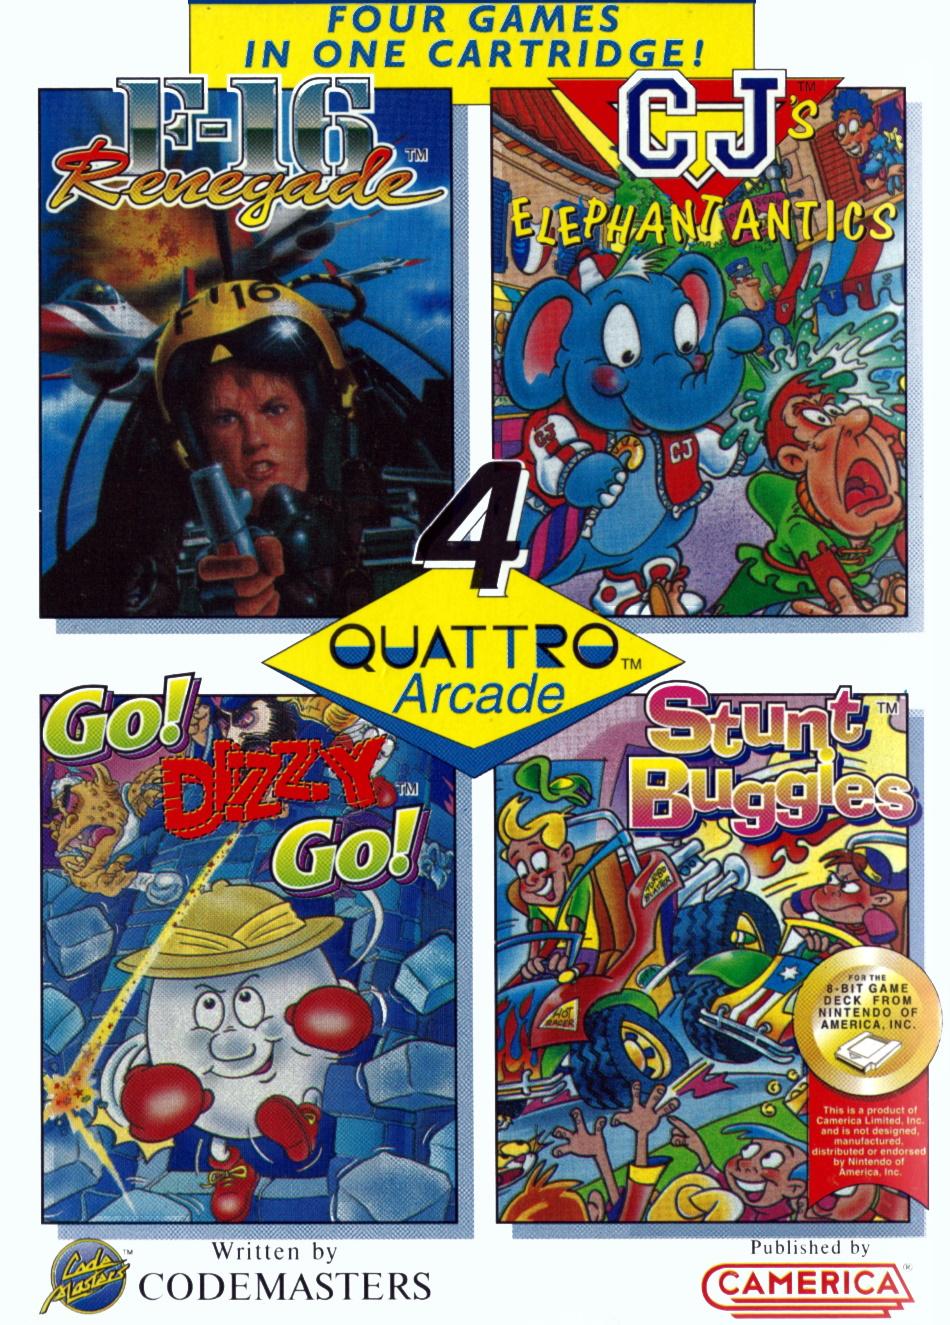 4 Quattro Arcade